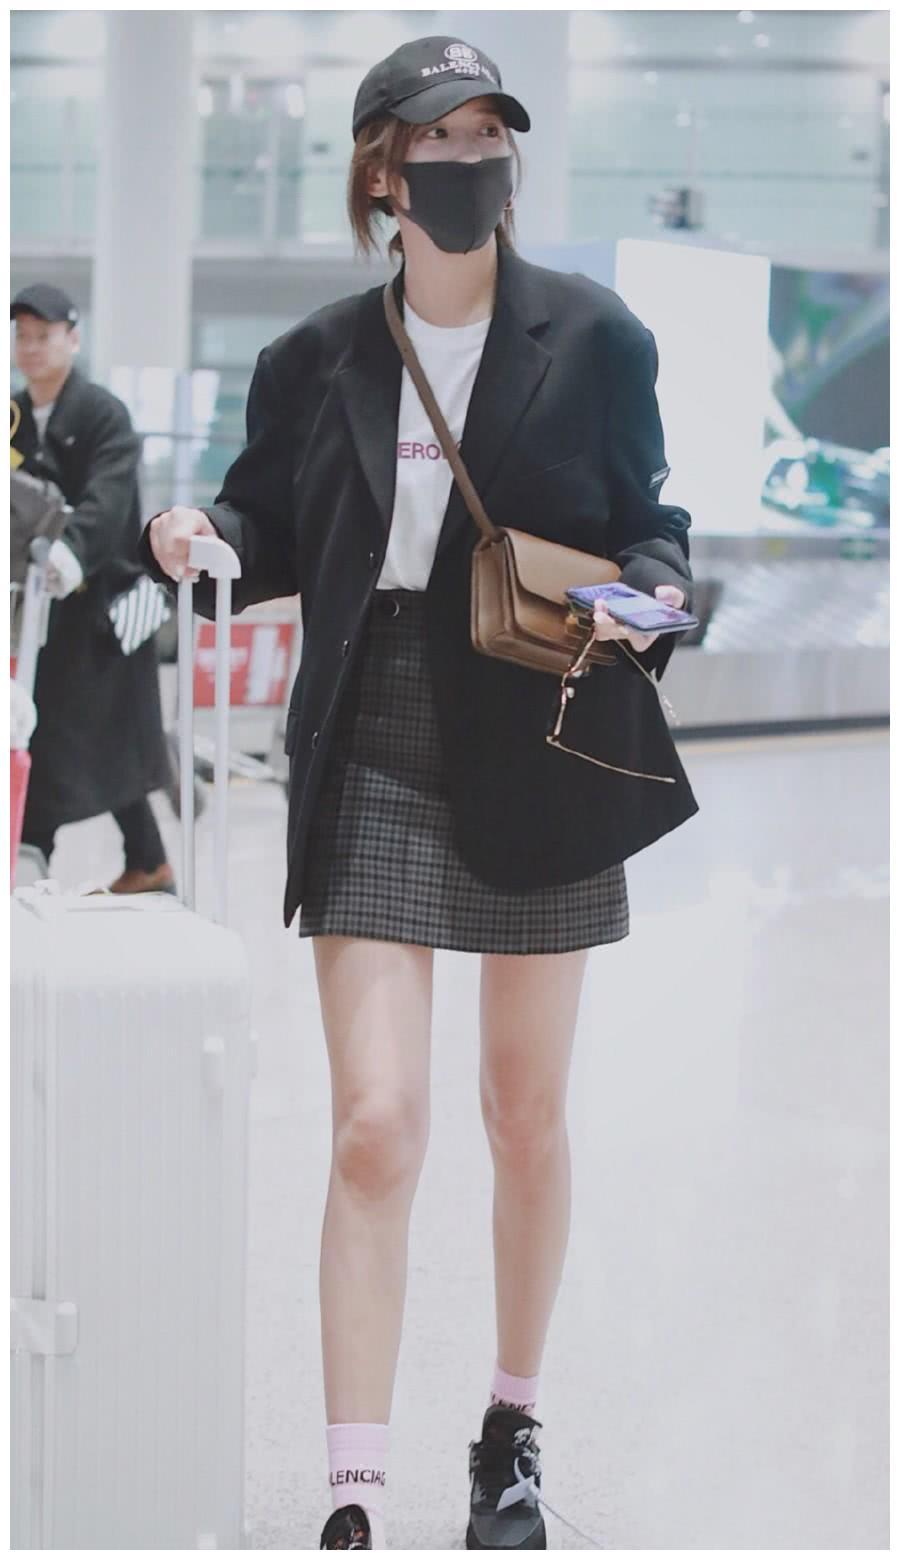 """施予斐太会穿了,宽松西装配格纹短裙,33岁美成""""长腿校花"""""""